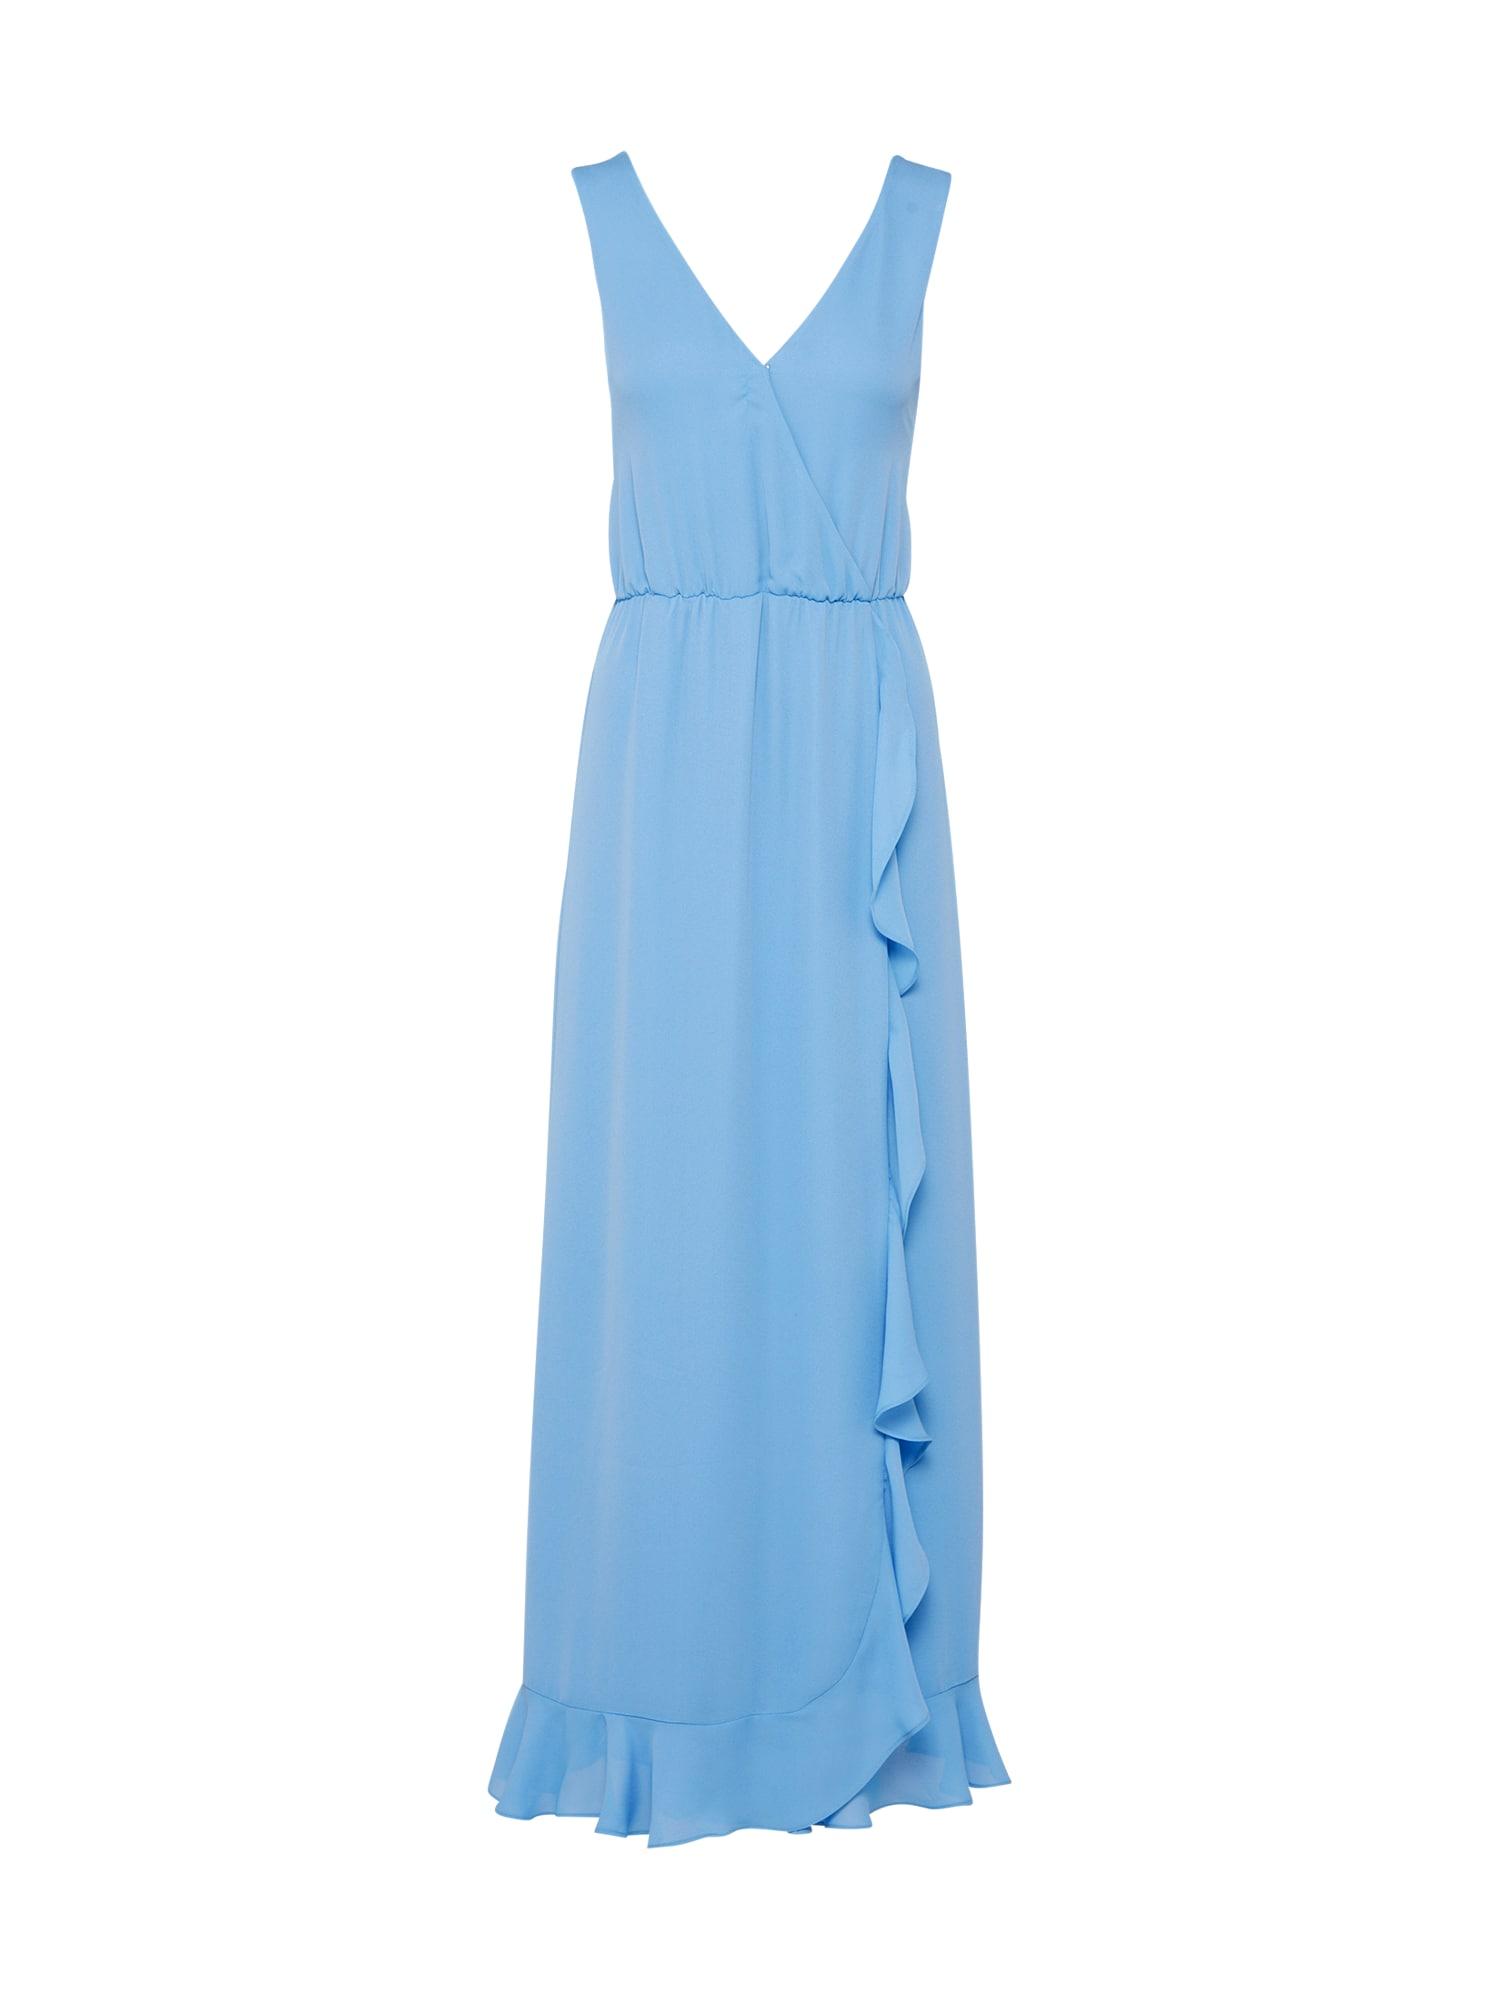 Koktejlové šaty Limon l dress 6891 světlemodrá Samsoe & Samsoe